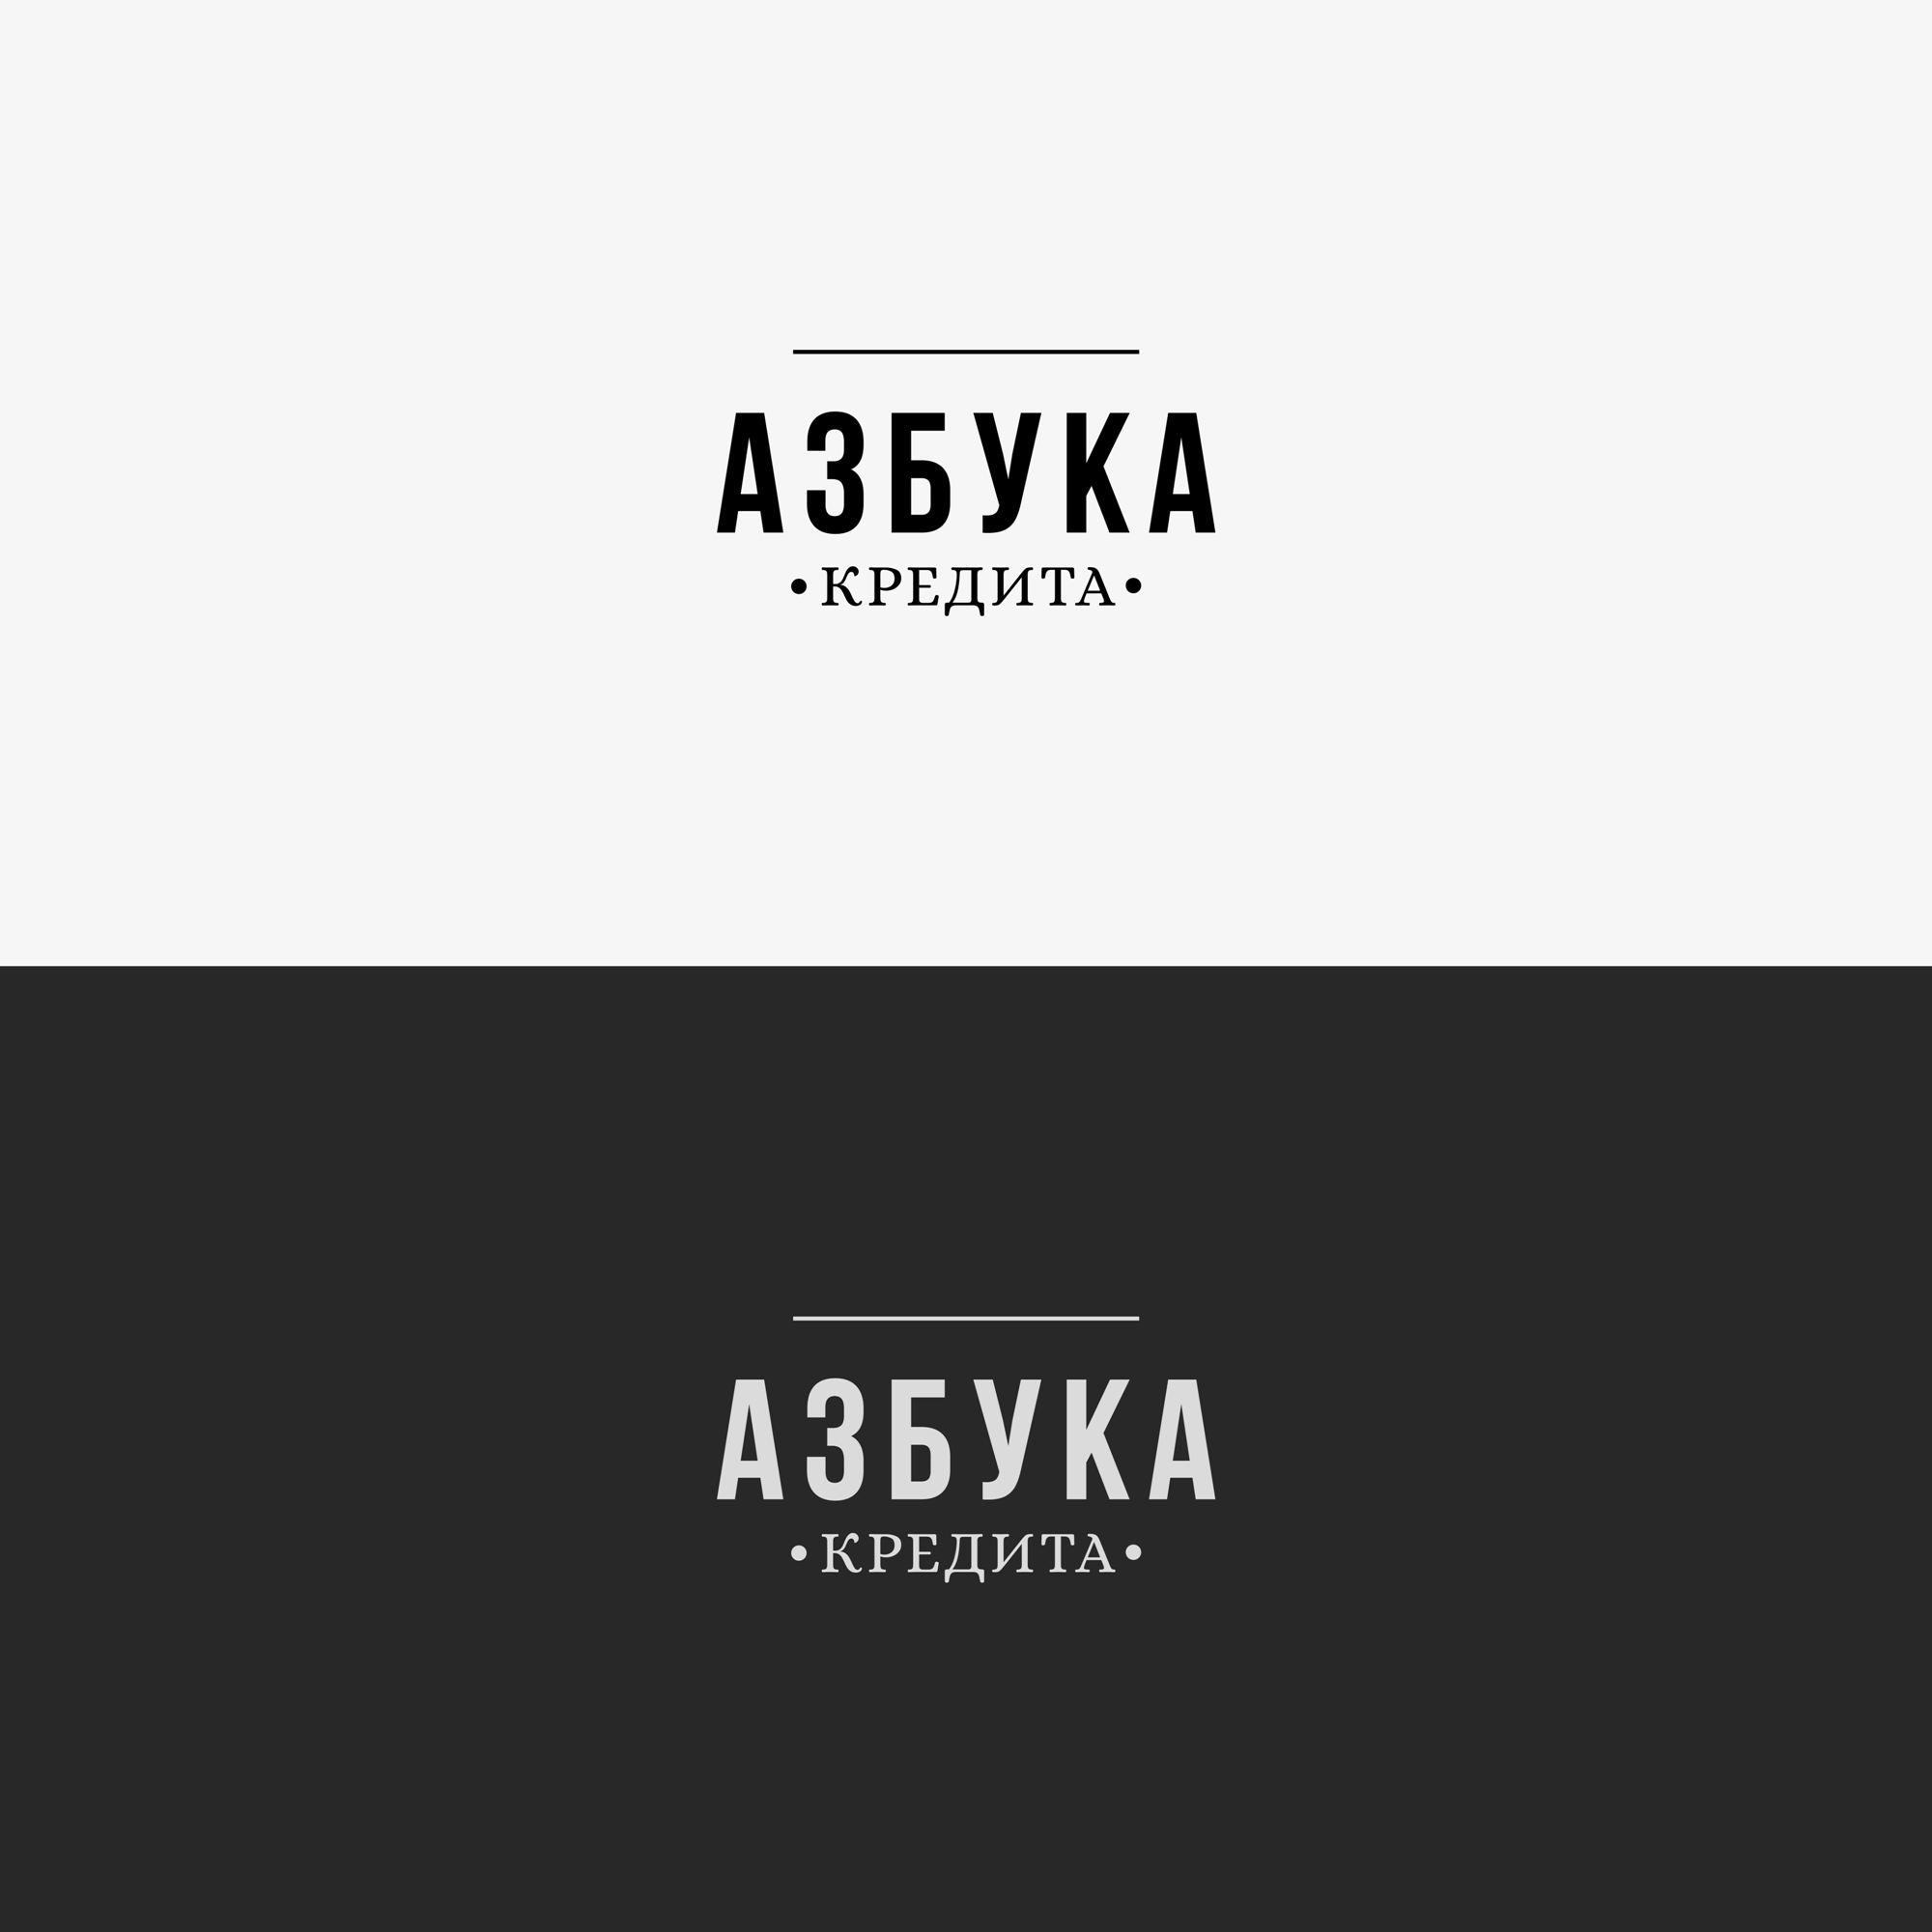 Разработать логотип для финансовой компании фото f_2525de837607e08a.jpg